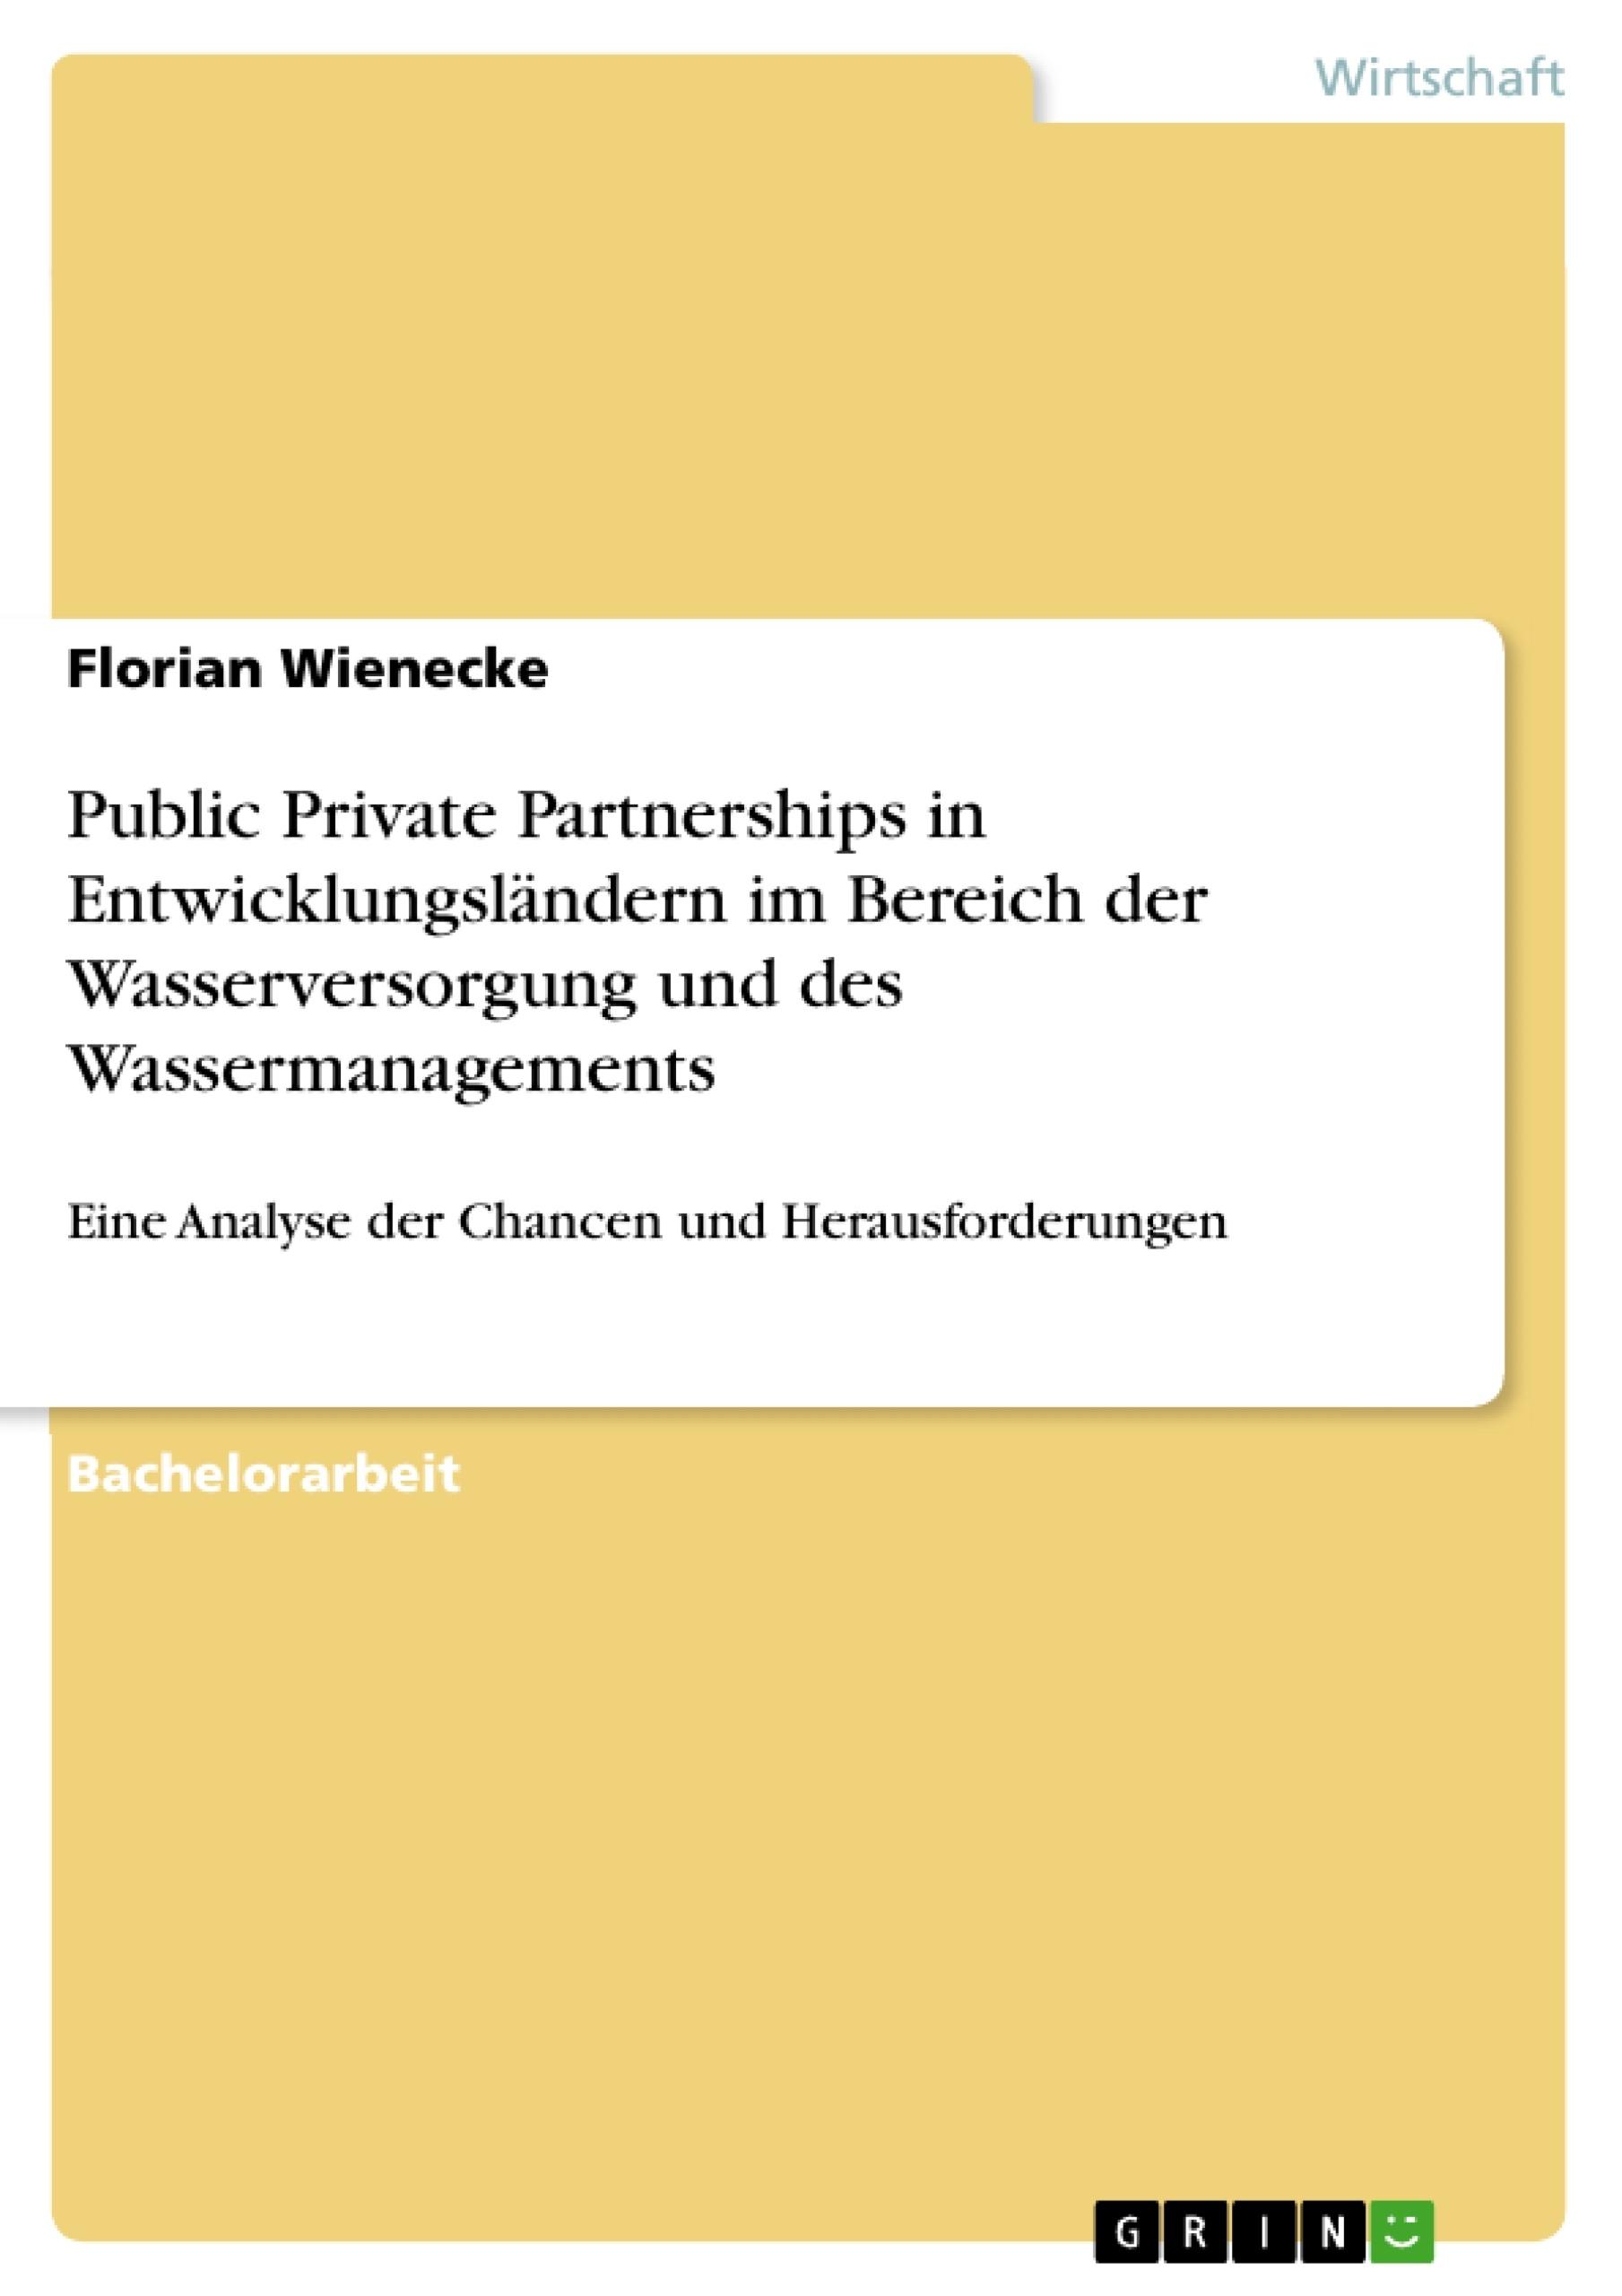 Titel: Public Private Partnerships in Entwicklungsländern im Bereich der Wasserversorgung und des Wassermanagements